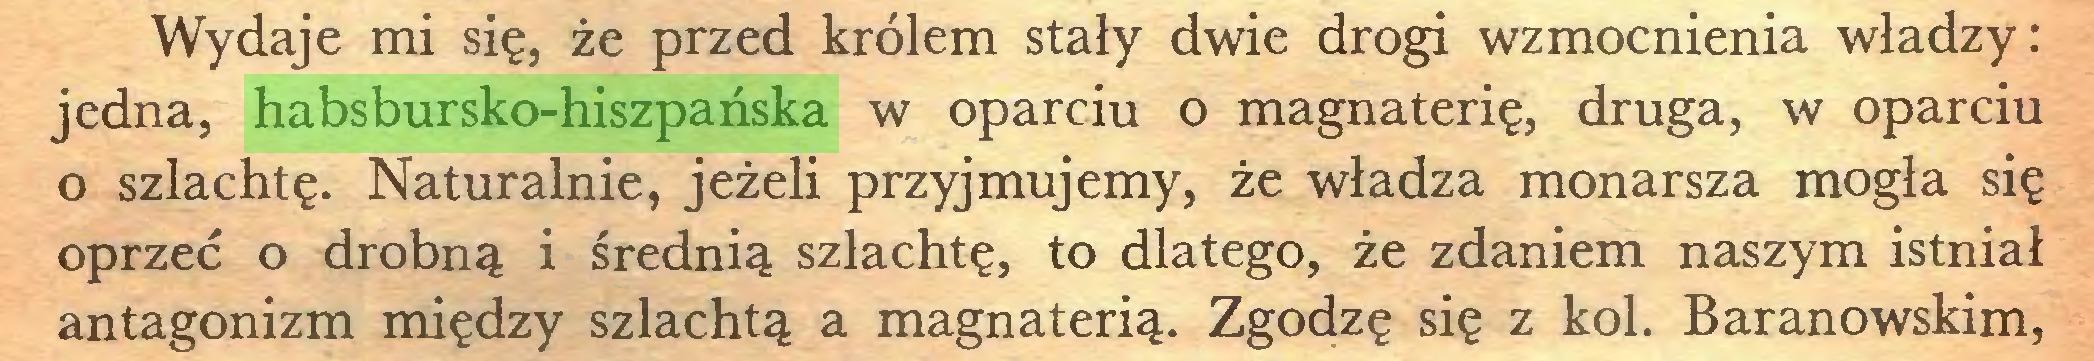 (...) Wydaje mi się, że przed królem stały dwie drogi wzmocnienia władzy: jedna, habsbursko-hiszpańska w oparciu o magnaterię, druga, w oparciu 0 szlachtę. Naturalnie, jeżeli przyjmujemy, że władza monarsza mogła się oprzeć o drobną i średnią szlachtę, to dlatego, że zdaniem naszym istniał antagonizm między szlachtą a magnaterią. Zgodzę się z kol. Baranowskim,...